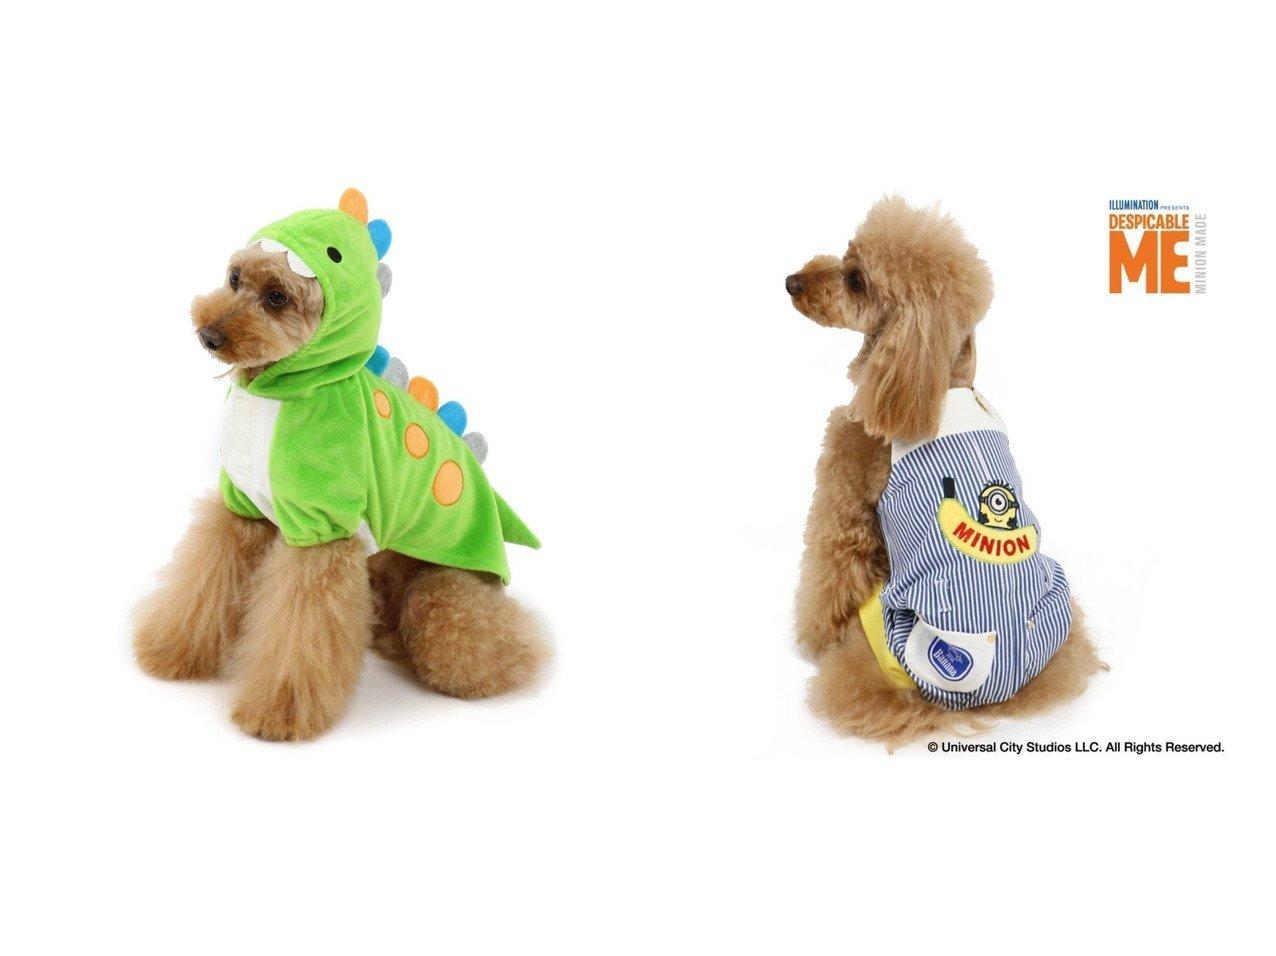 【PET PARADISE/ペットパラダイス】のペットパラダイス 恐竜パーカー【小型犬】&ミニオン バナナ オーバーオール〔小型犬〕 Minion おすすめ!人気、ペットグッズの通販 おすすめで人気の流行・トレンド、ファッションの通販商品 メンズファッション・キッズファッション・インテリア・家具・レディースファッション・服の通販 founy(ファニー) https://founy.com/ パーカー 犬 Dog ホームグッズ Home/Garden ペットグッズ Pet Supplies  ID:crp329100000032793